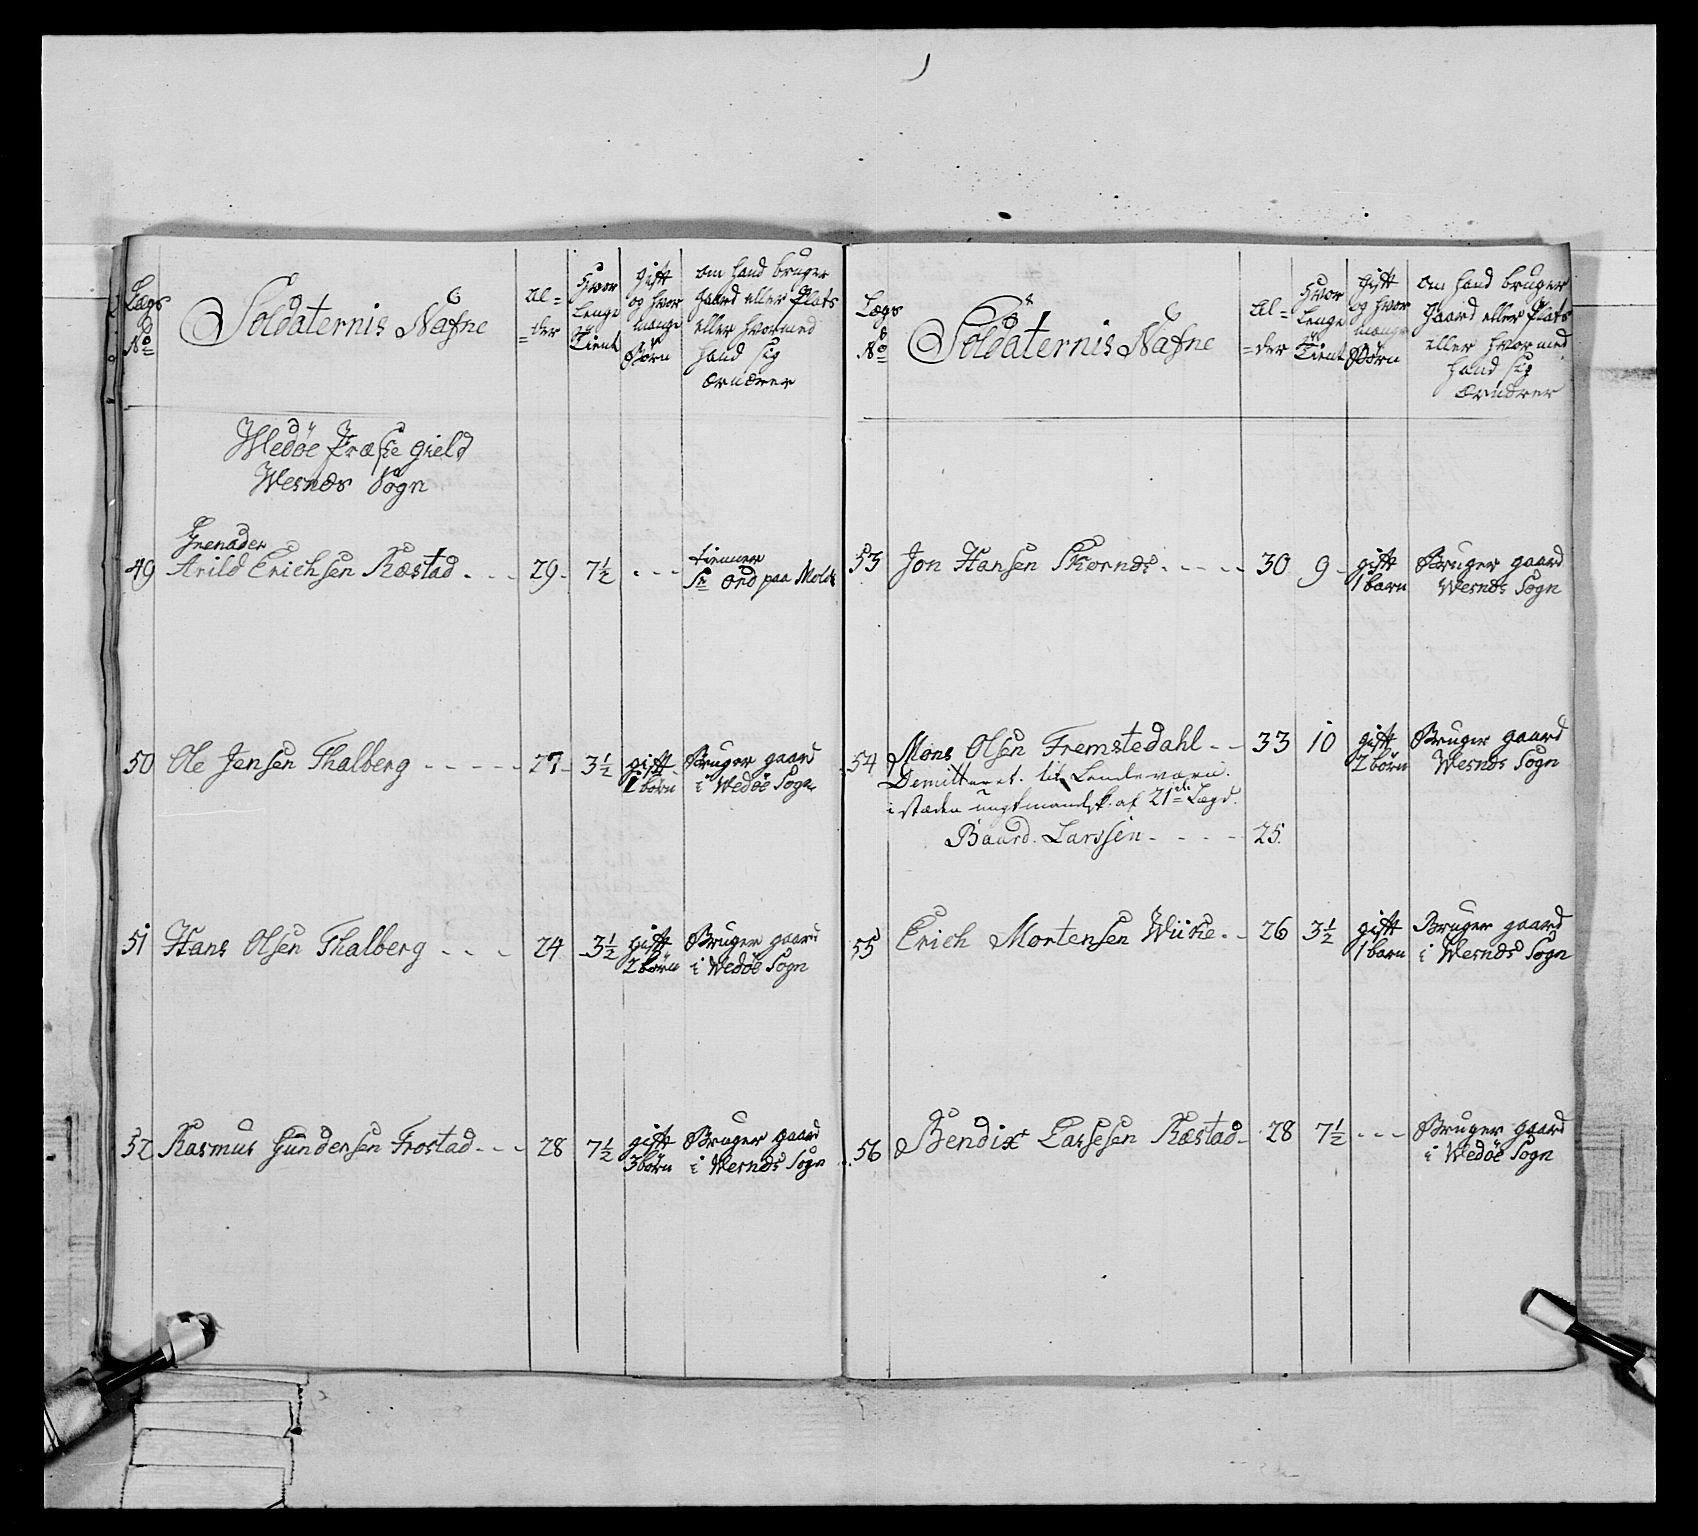 RA, Generalitets- og kommissariatskollegiet, Det kongelige norske kommissariatskollegium, E/Eh/L0076: 2. Trondheimske nasjonale infanteriregiment, 1766-1773, s. 517